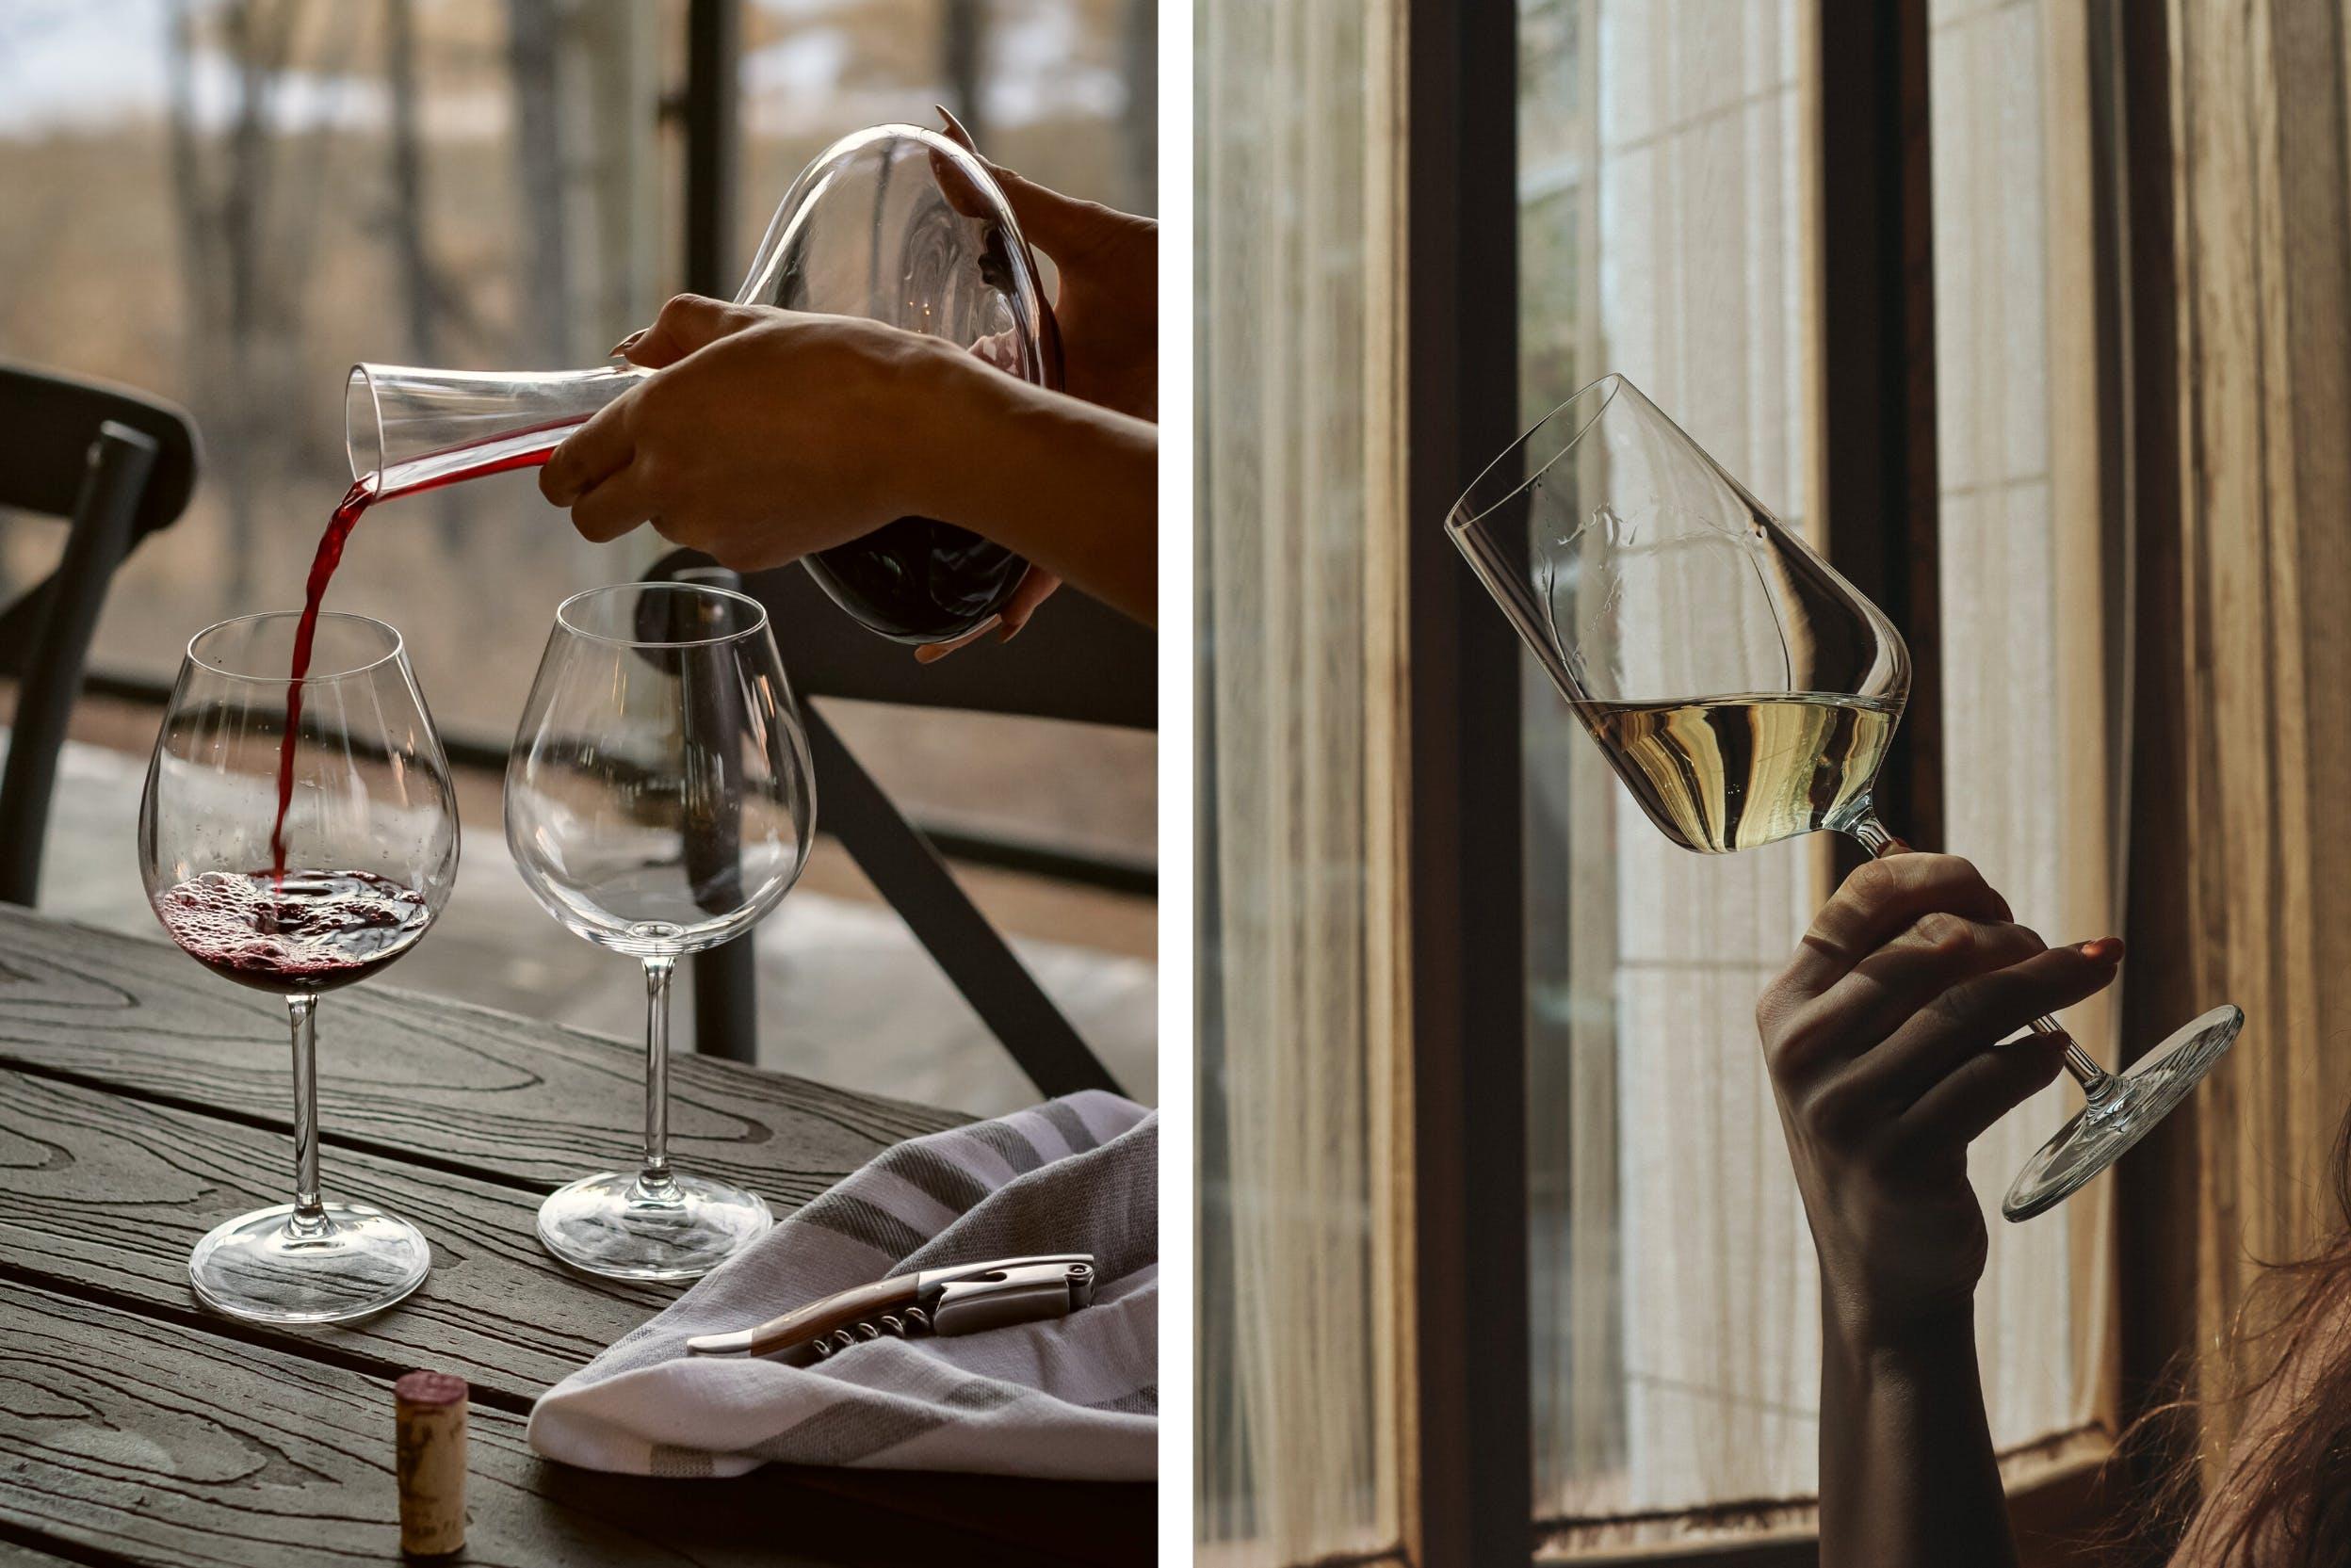 Dekanter und Weingläser auf Holztisch